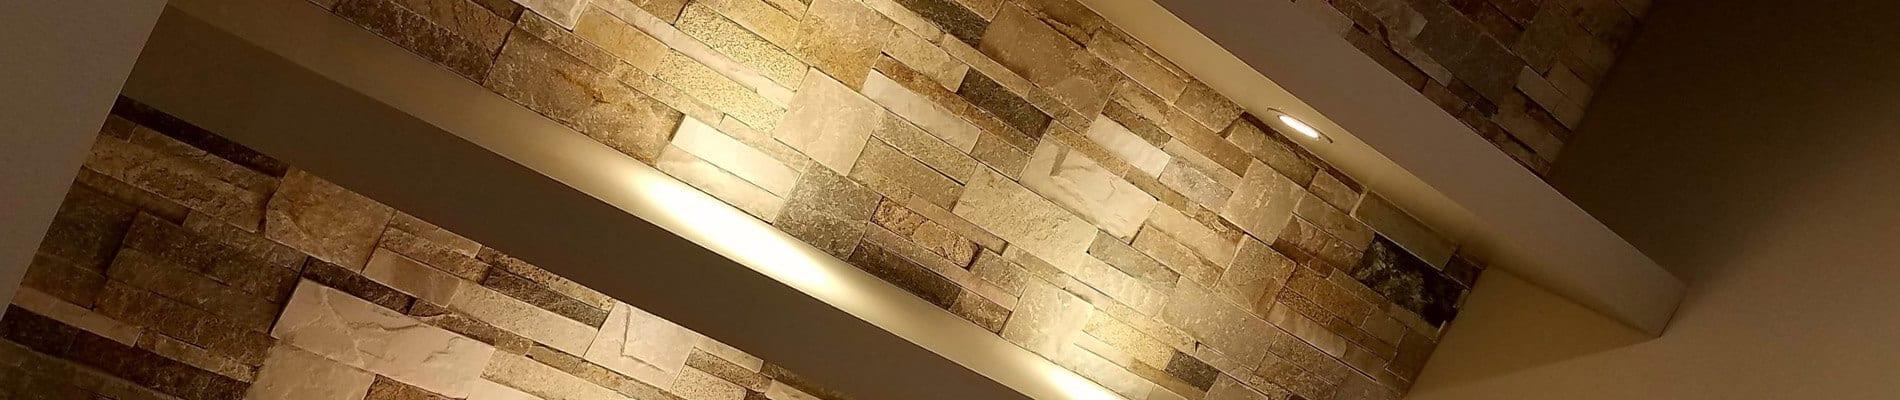 bathroom remodeling bethalto IL